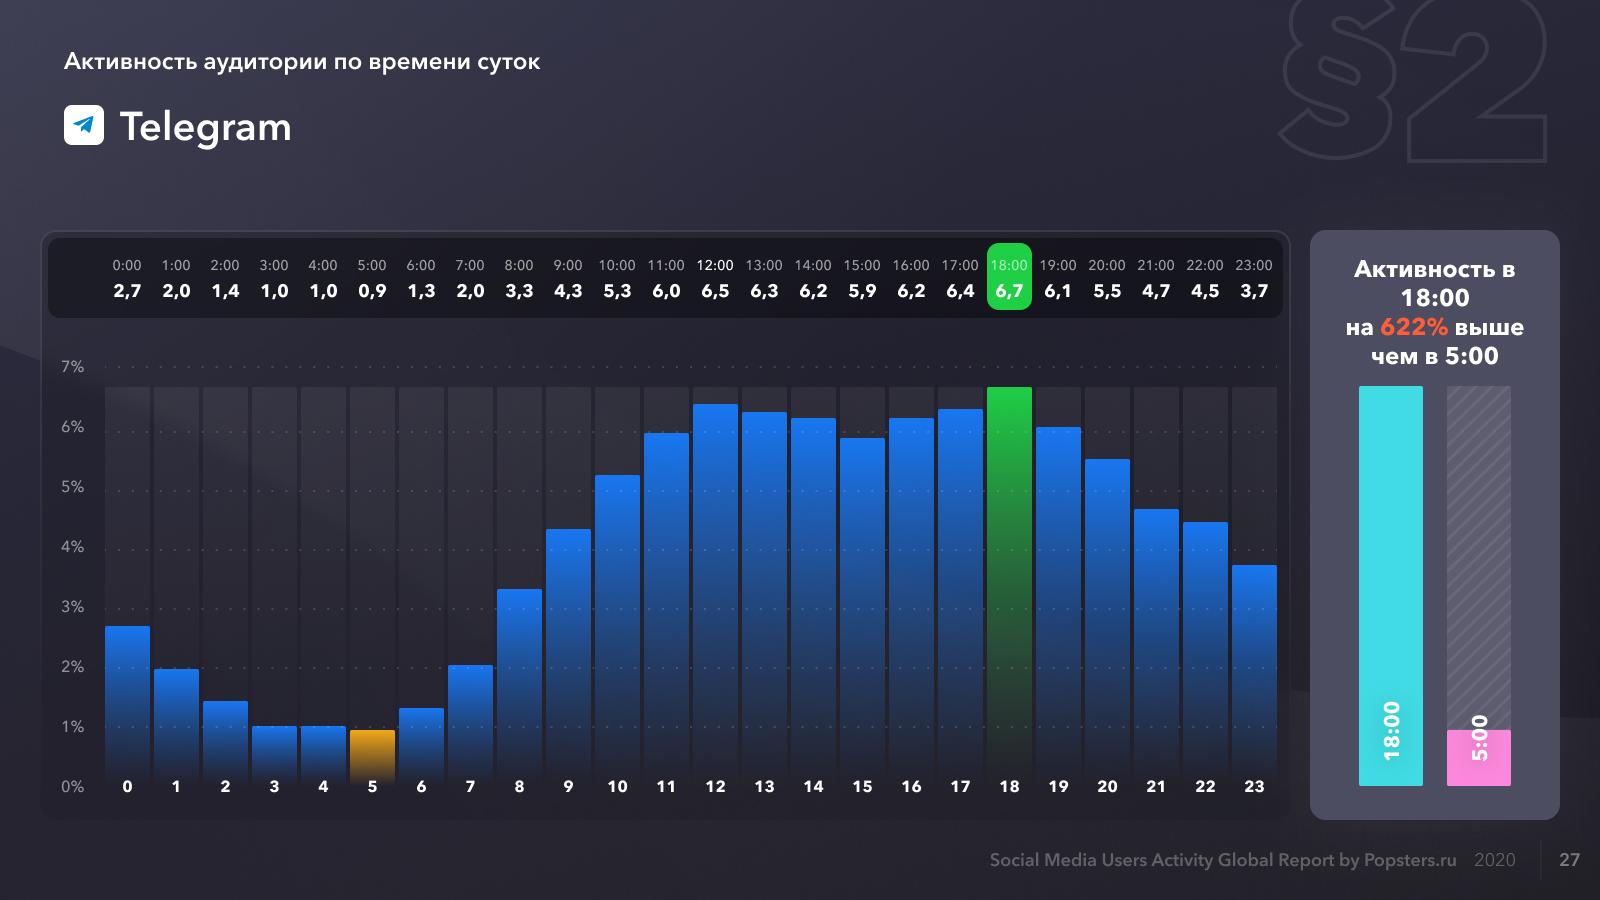 Относительная активность аудитории в Telegram по часам на 2020 год